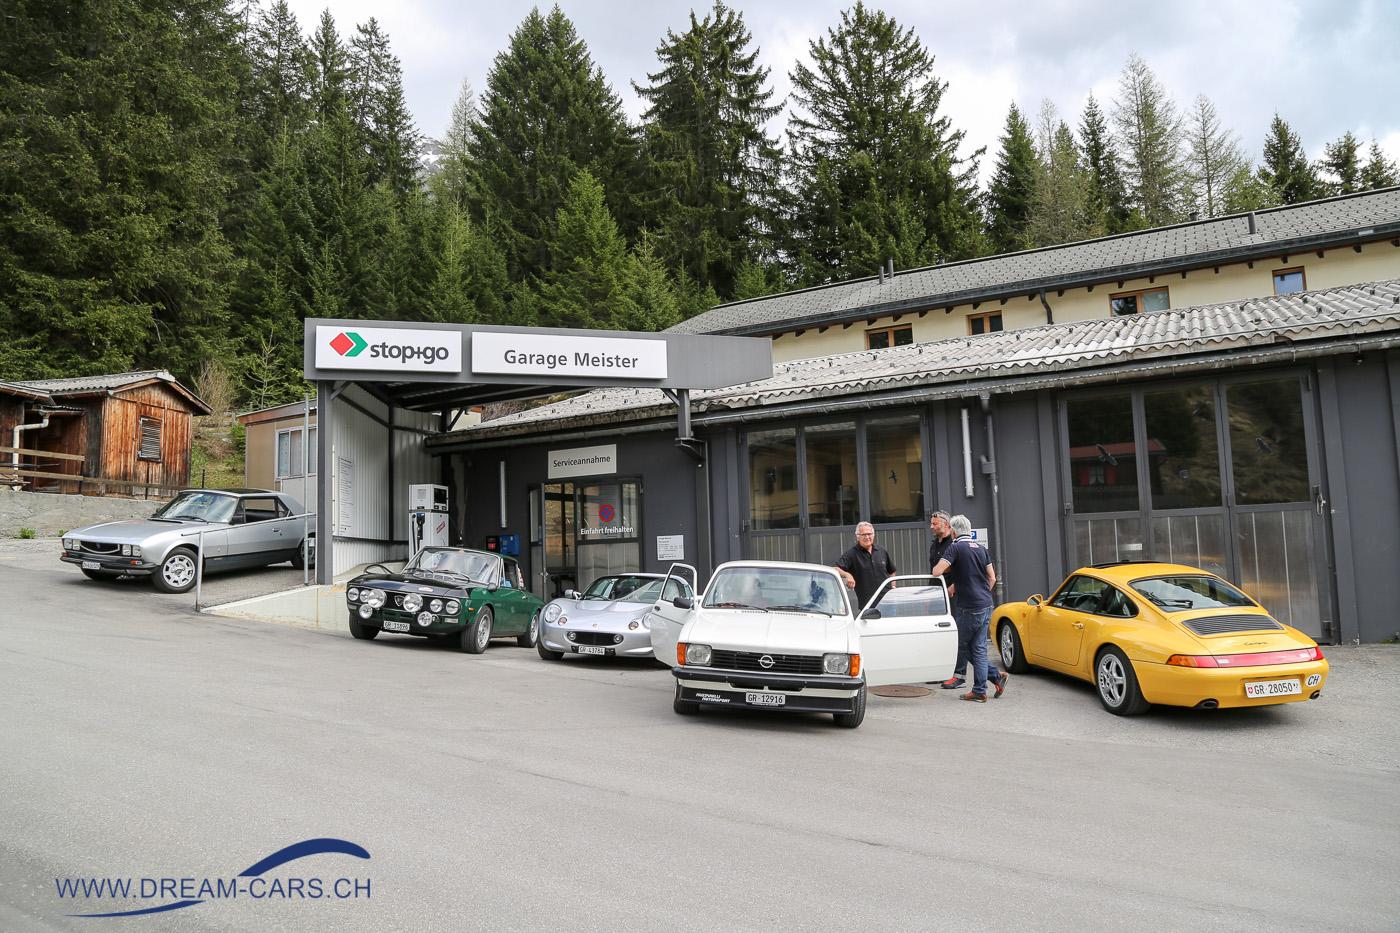 Garage Meister Lenzerheide